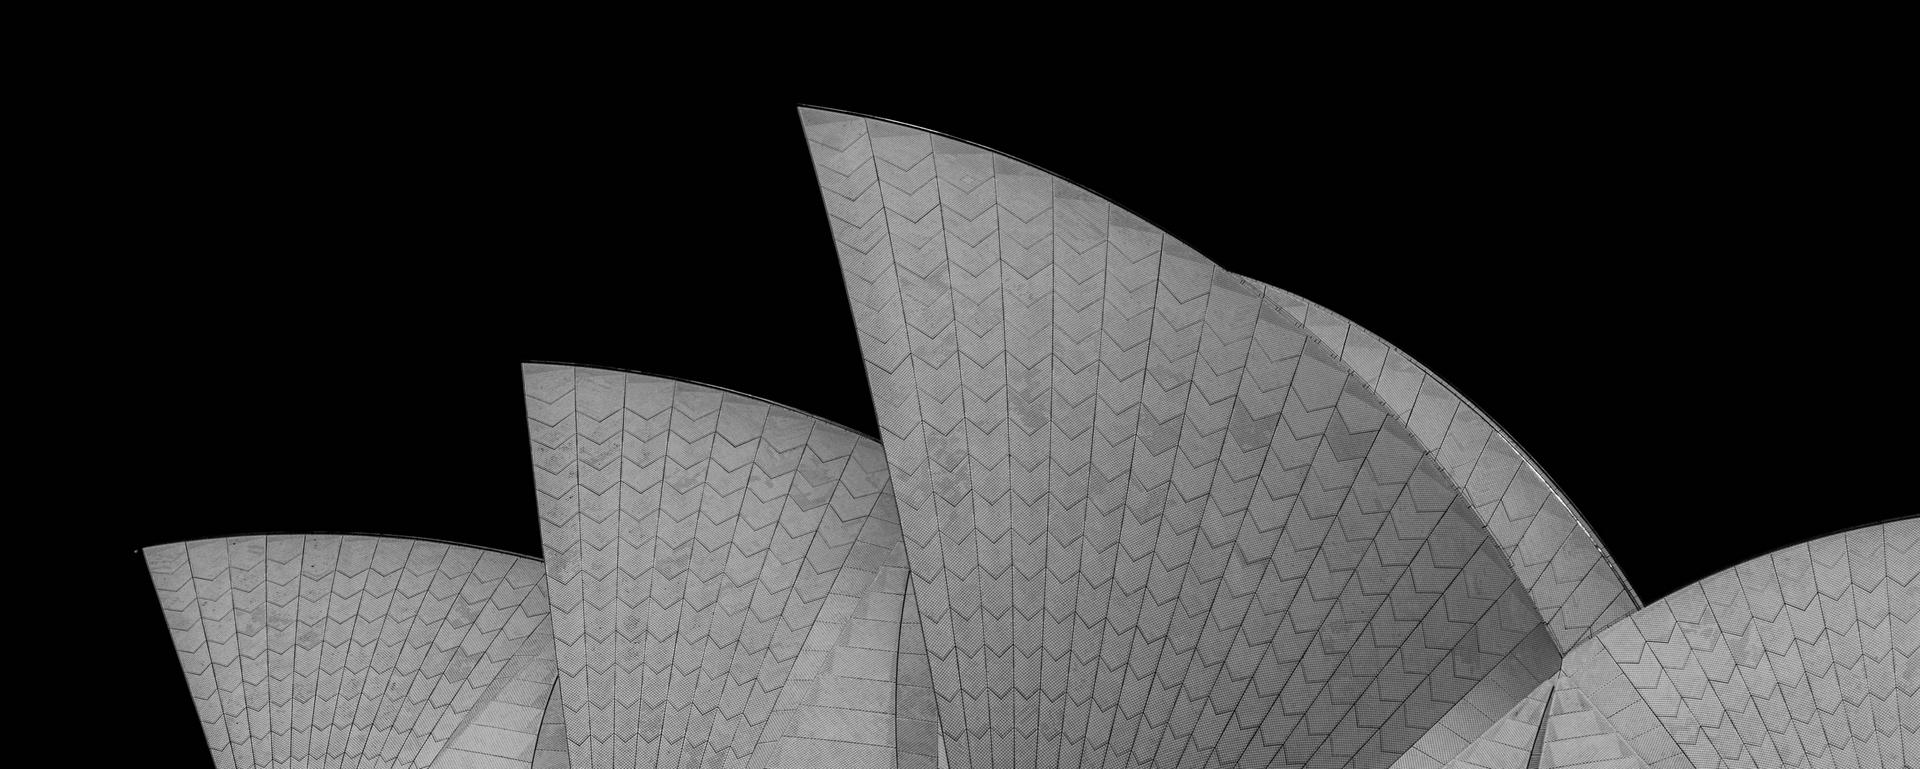 Architecture_Sails in Sydney_Trevor Templeman_ABgr_Honour